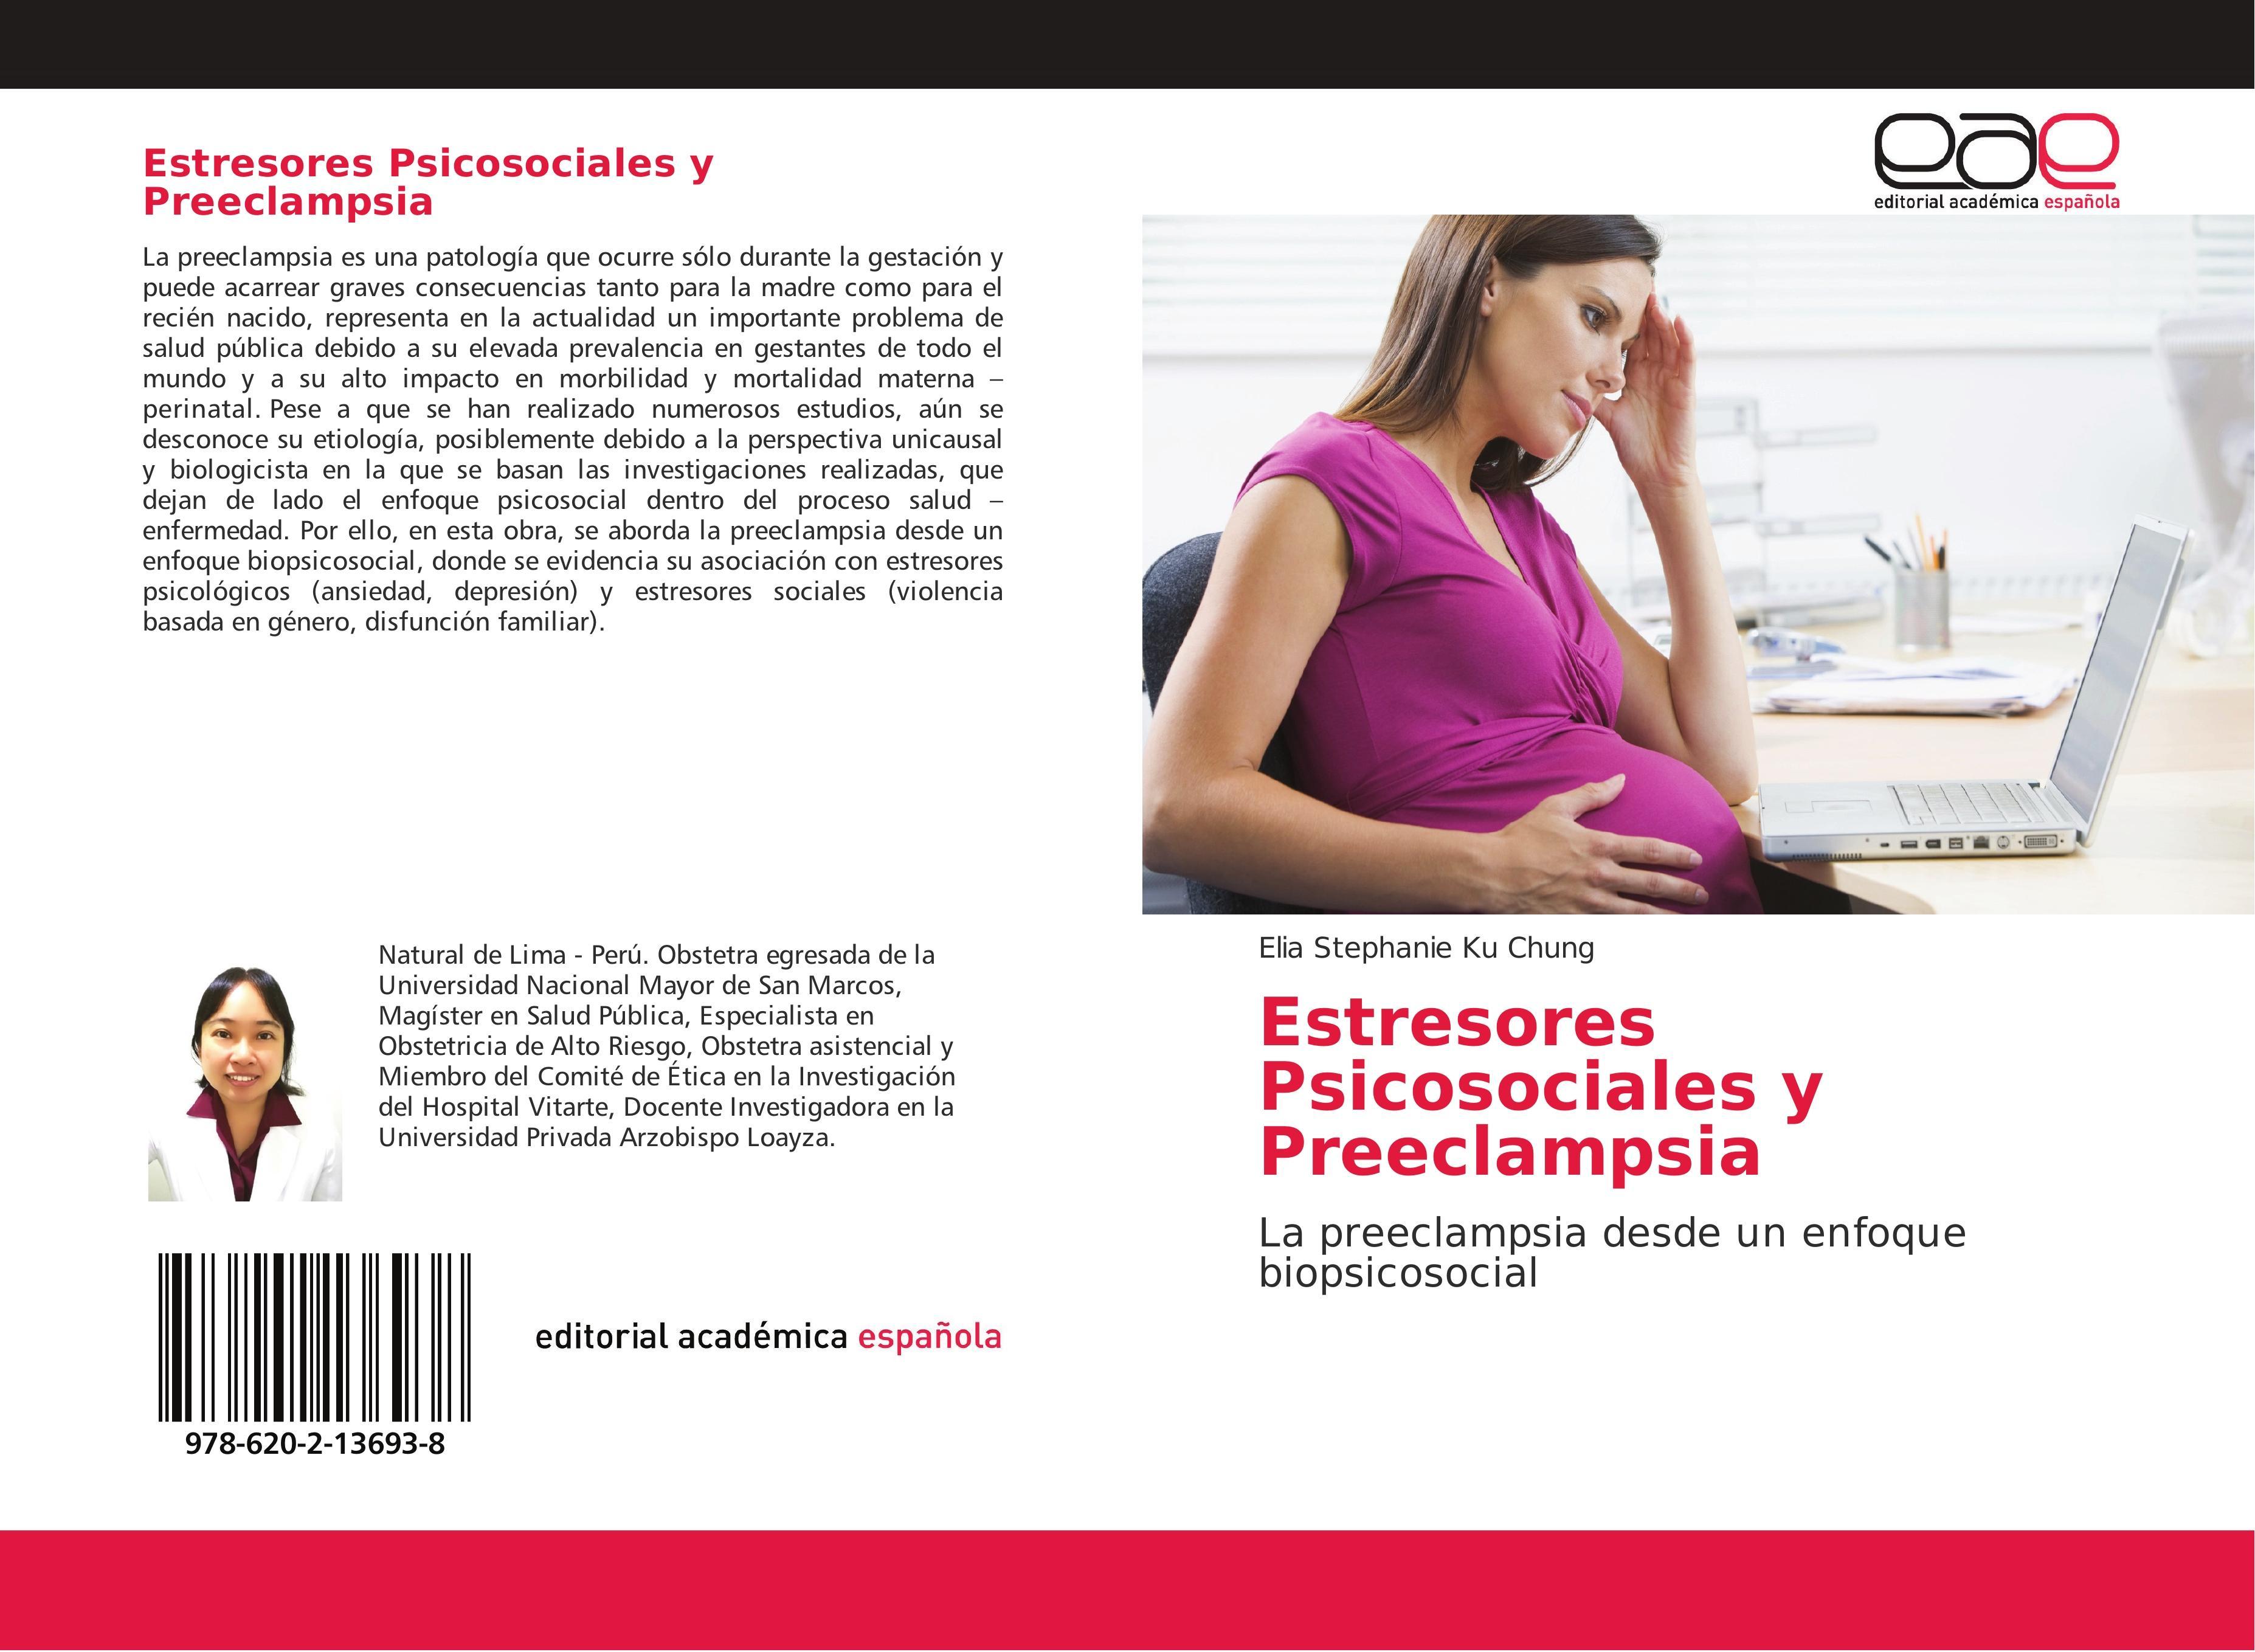 Estresores Psicosociales y Preeclampsia  Elia Stephanie Ku Chung  Taschenbuch  Spanisch  2018 - Ku Chung, Elia Stephanie